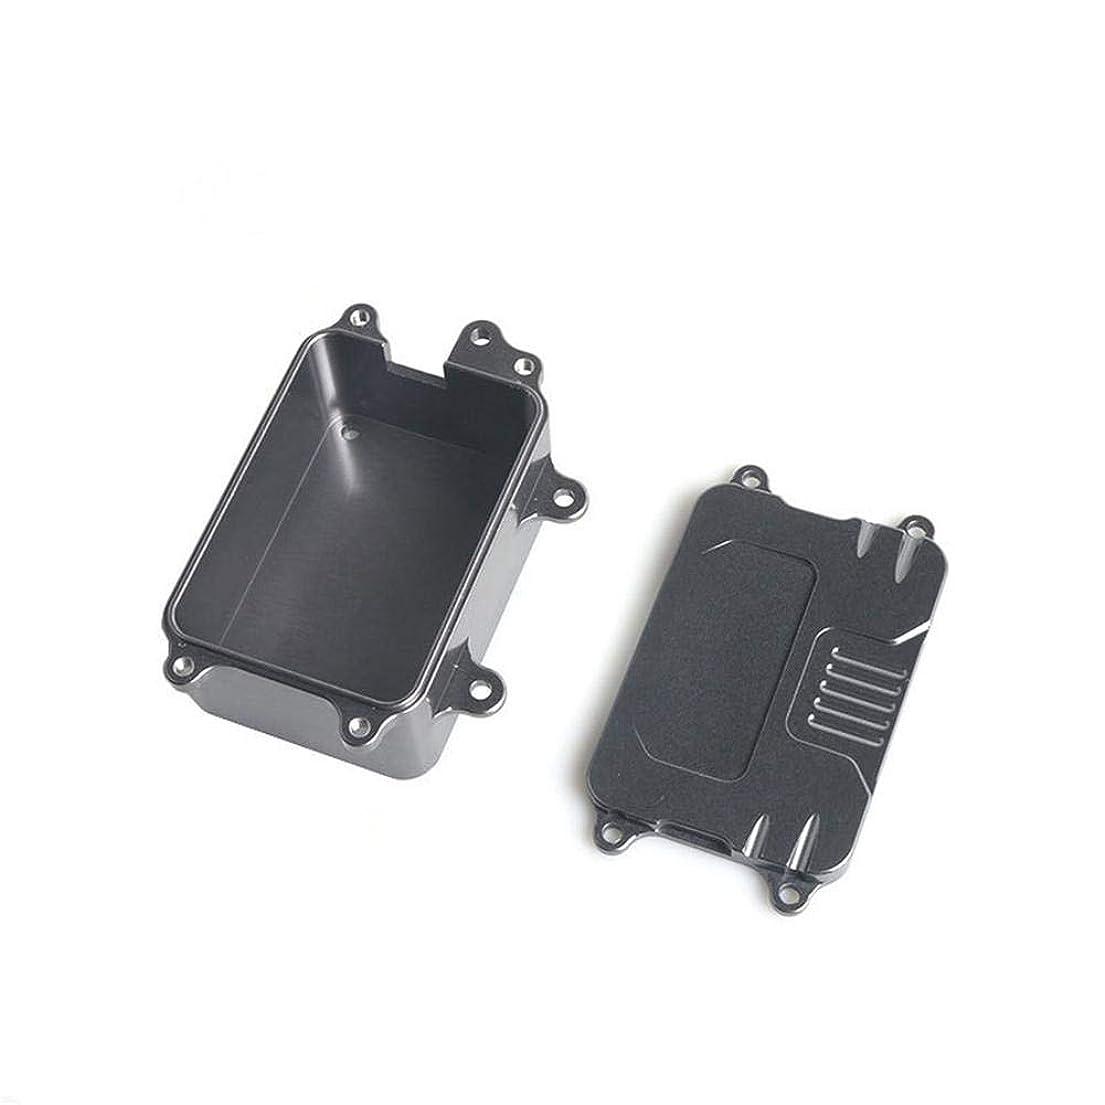 賃金バウンドアイデアYes(イェース) RCオートレシーバーボックス ミニ工具箱 1/10 RCトラックオートアキシャルSCX10 D90 D110適用